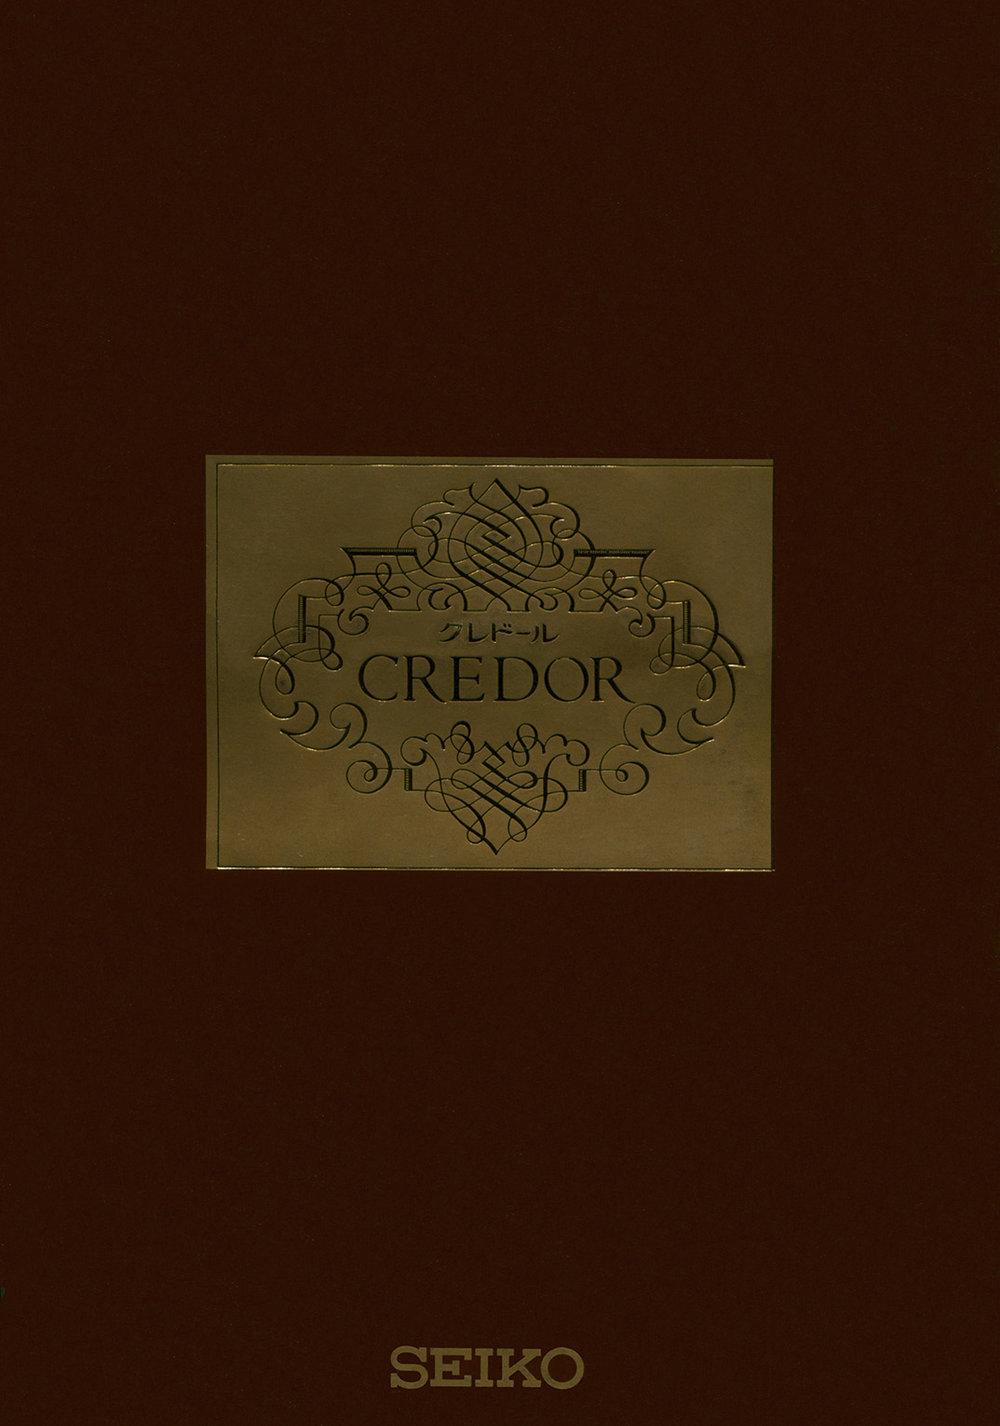 1979 Credor Catalog